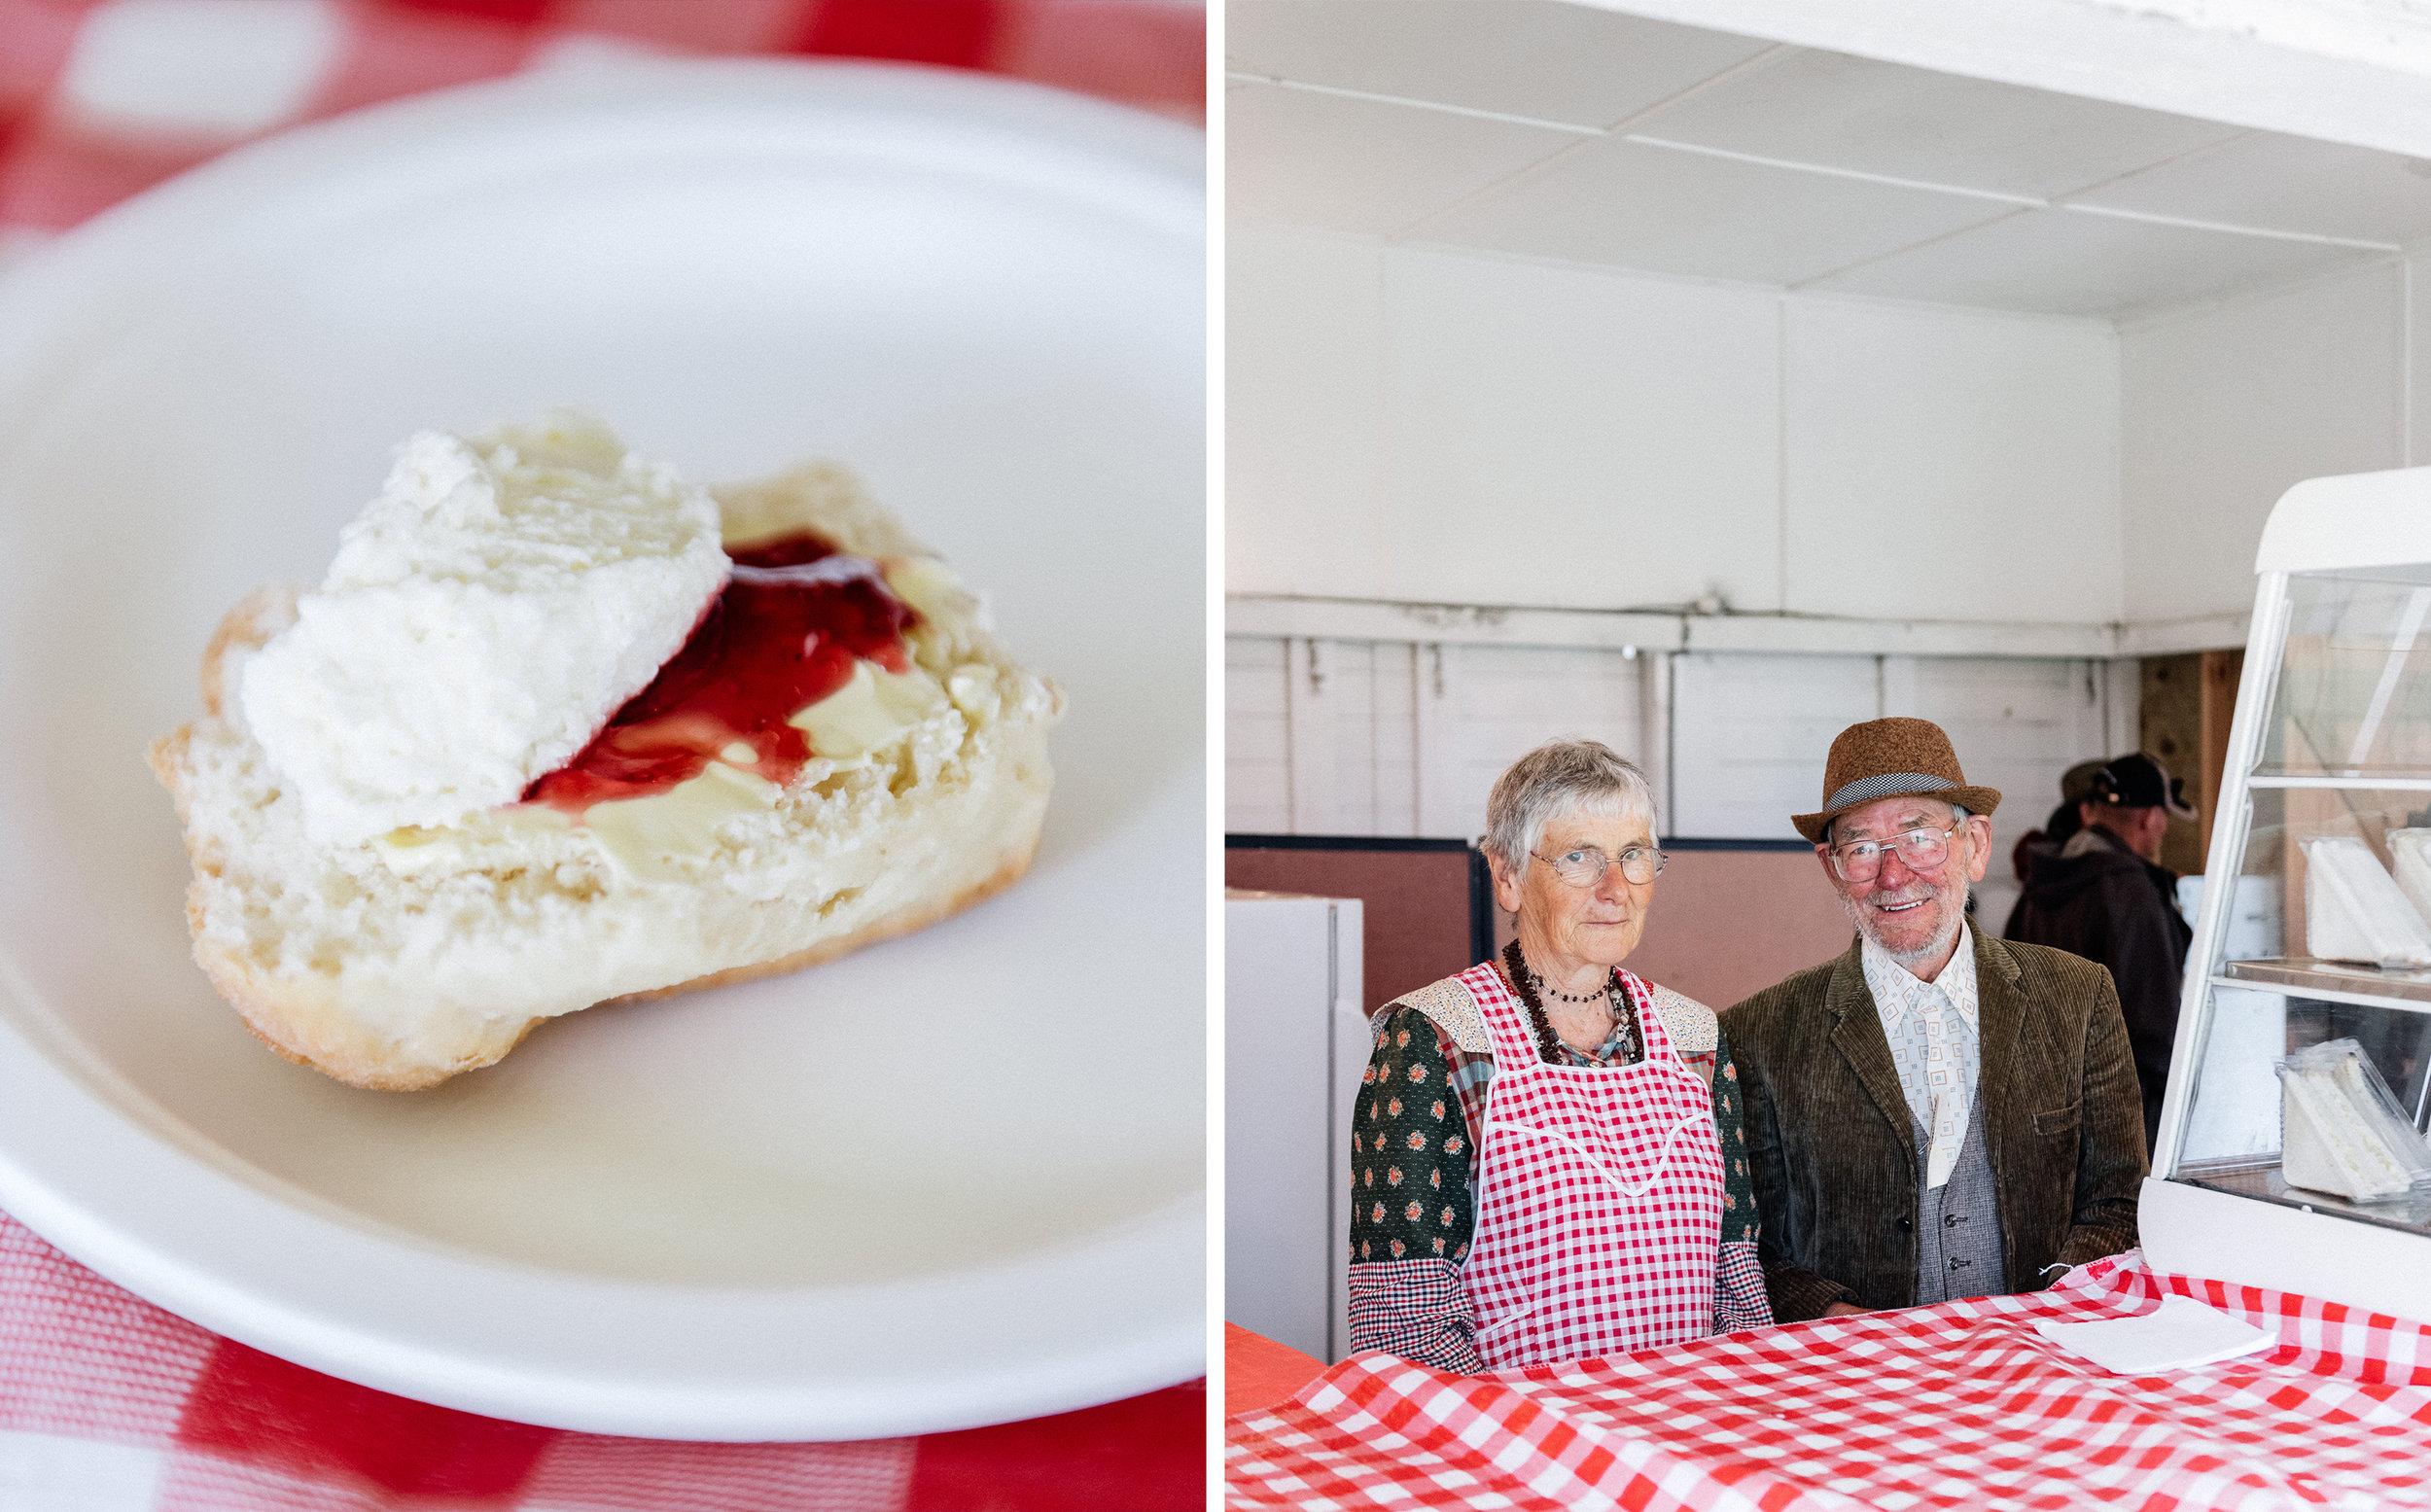 Al-Brown-Eat-Up-NZ-Cookbook-Josh-Griggs-Photographer-Splits-15.jpg